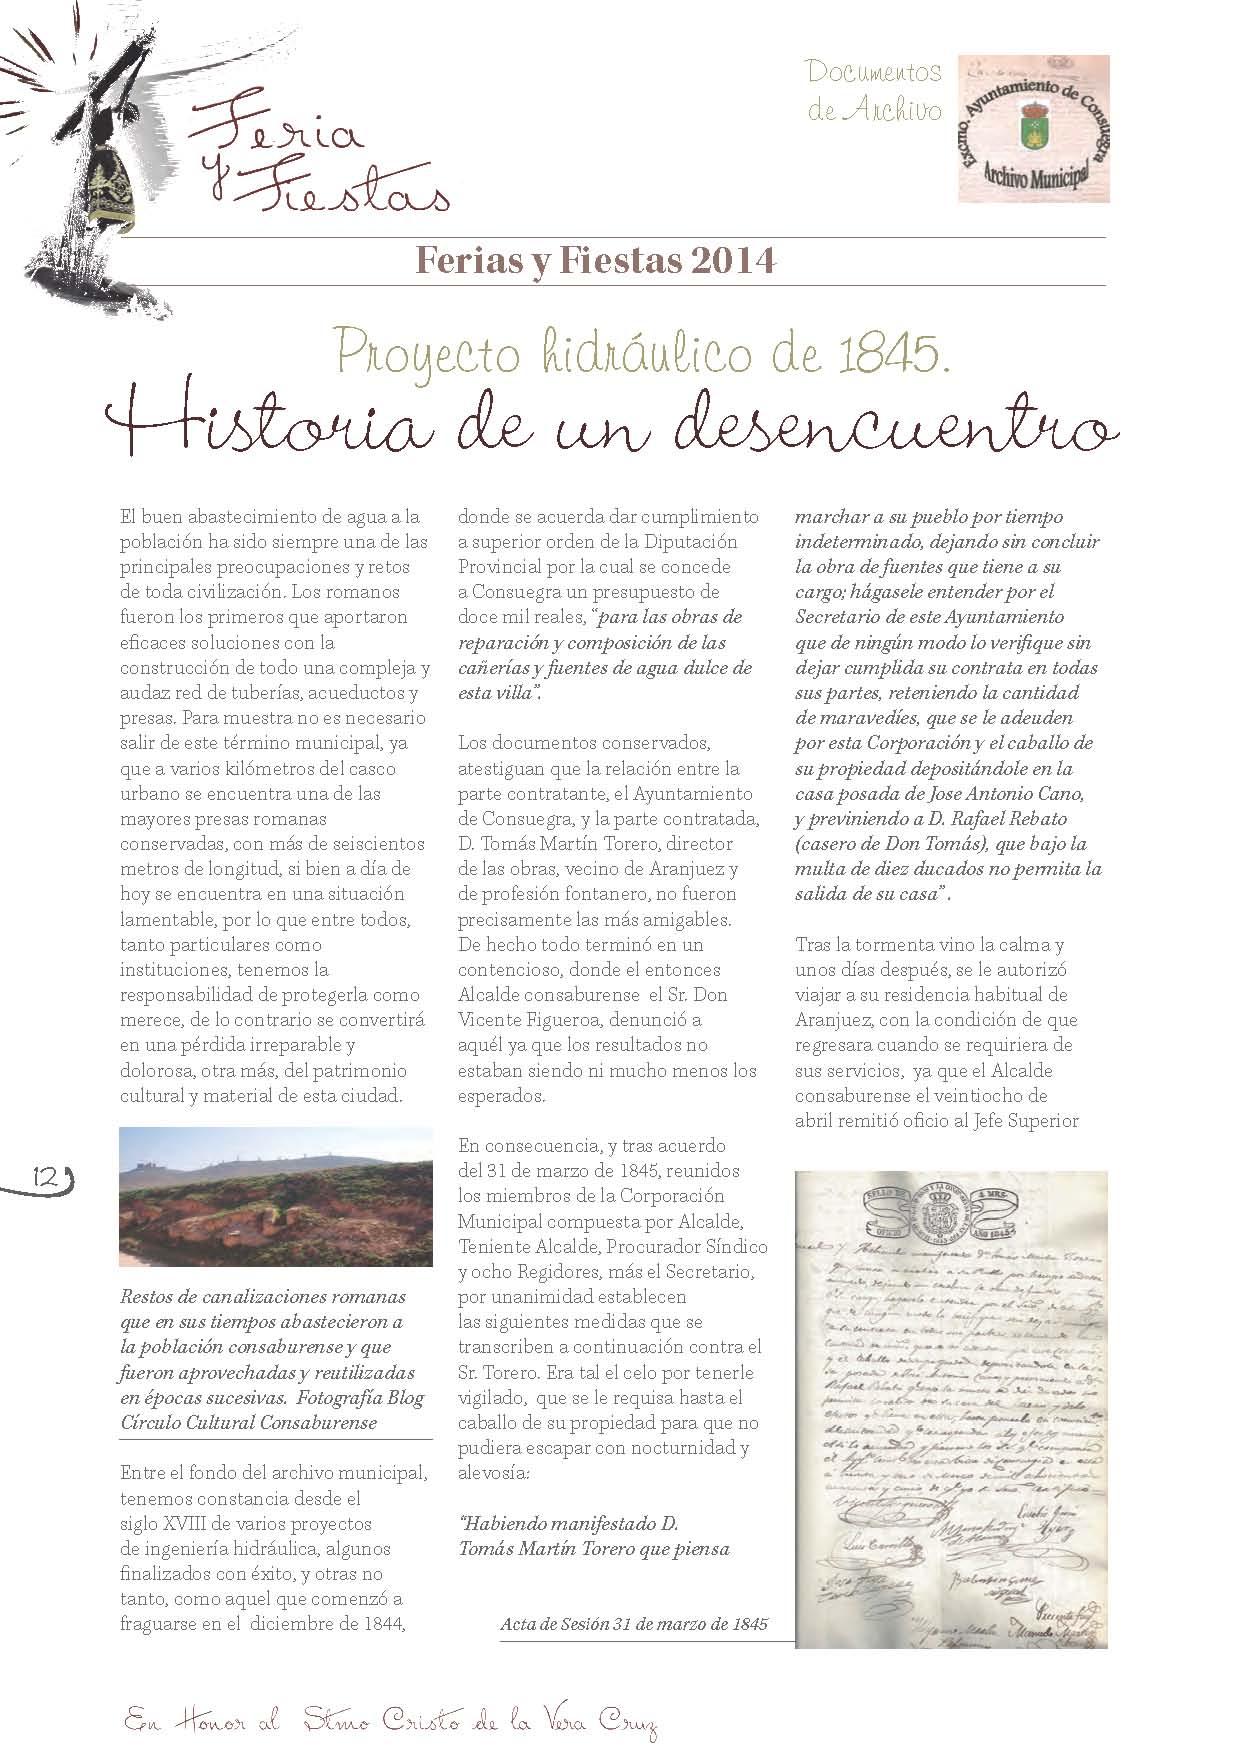 articulo-ferias2014-amc-proyecto-hidraulico1845 1.jpg - 258.26 KB